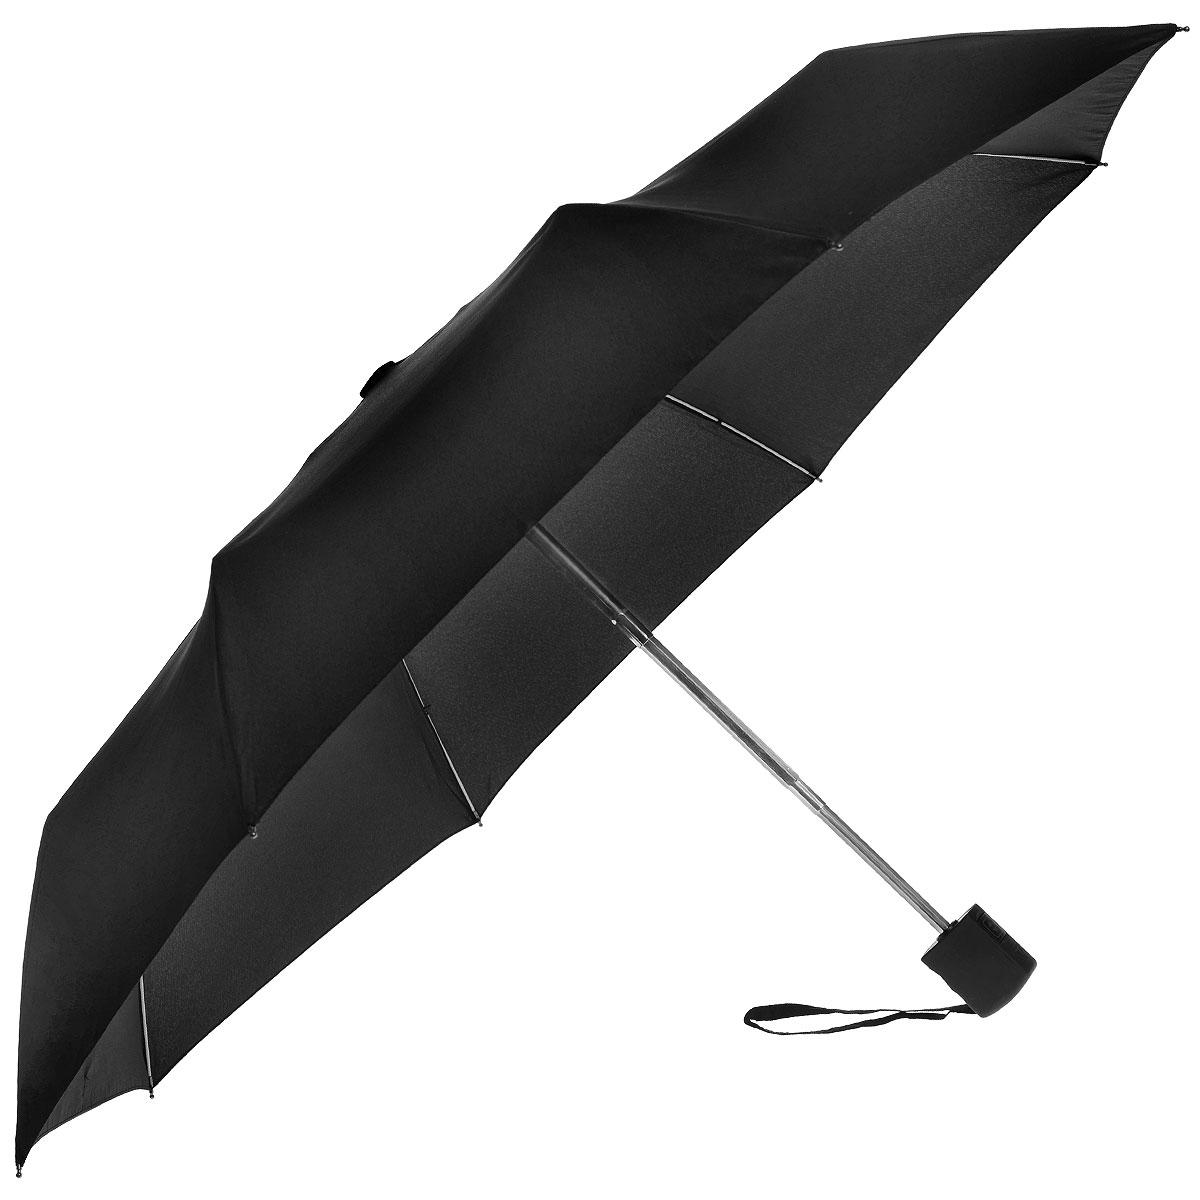 """Зонт мужской Fulton, автомат, 3 сложения, цвет: черный. G819 3F00G819 3F001Стильный зонт """"Fulton"""" даже в ненастную погоду позволит вам оставаться элегантным. """"Ветростойкий"""" плоский каркас зонта в 3 сложения состоит из восьми алюминиевых спиц с элементами из фибергласса, стержень выполнен из стали. Зонт оснащен удобной рукояткой из прорезиненного пластика. Купол зонта выполнен из прочного полиэстера черного цвета. К зонту прилагается чехол. Зонт автоматического сложения: купол открывается и закрывается нажатием кнопки, стержень складывается вручную до характерного щелчка."""